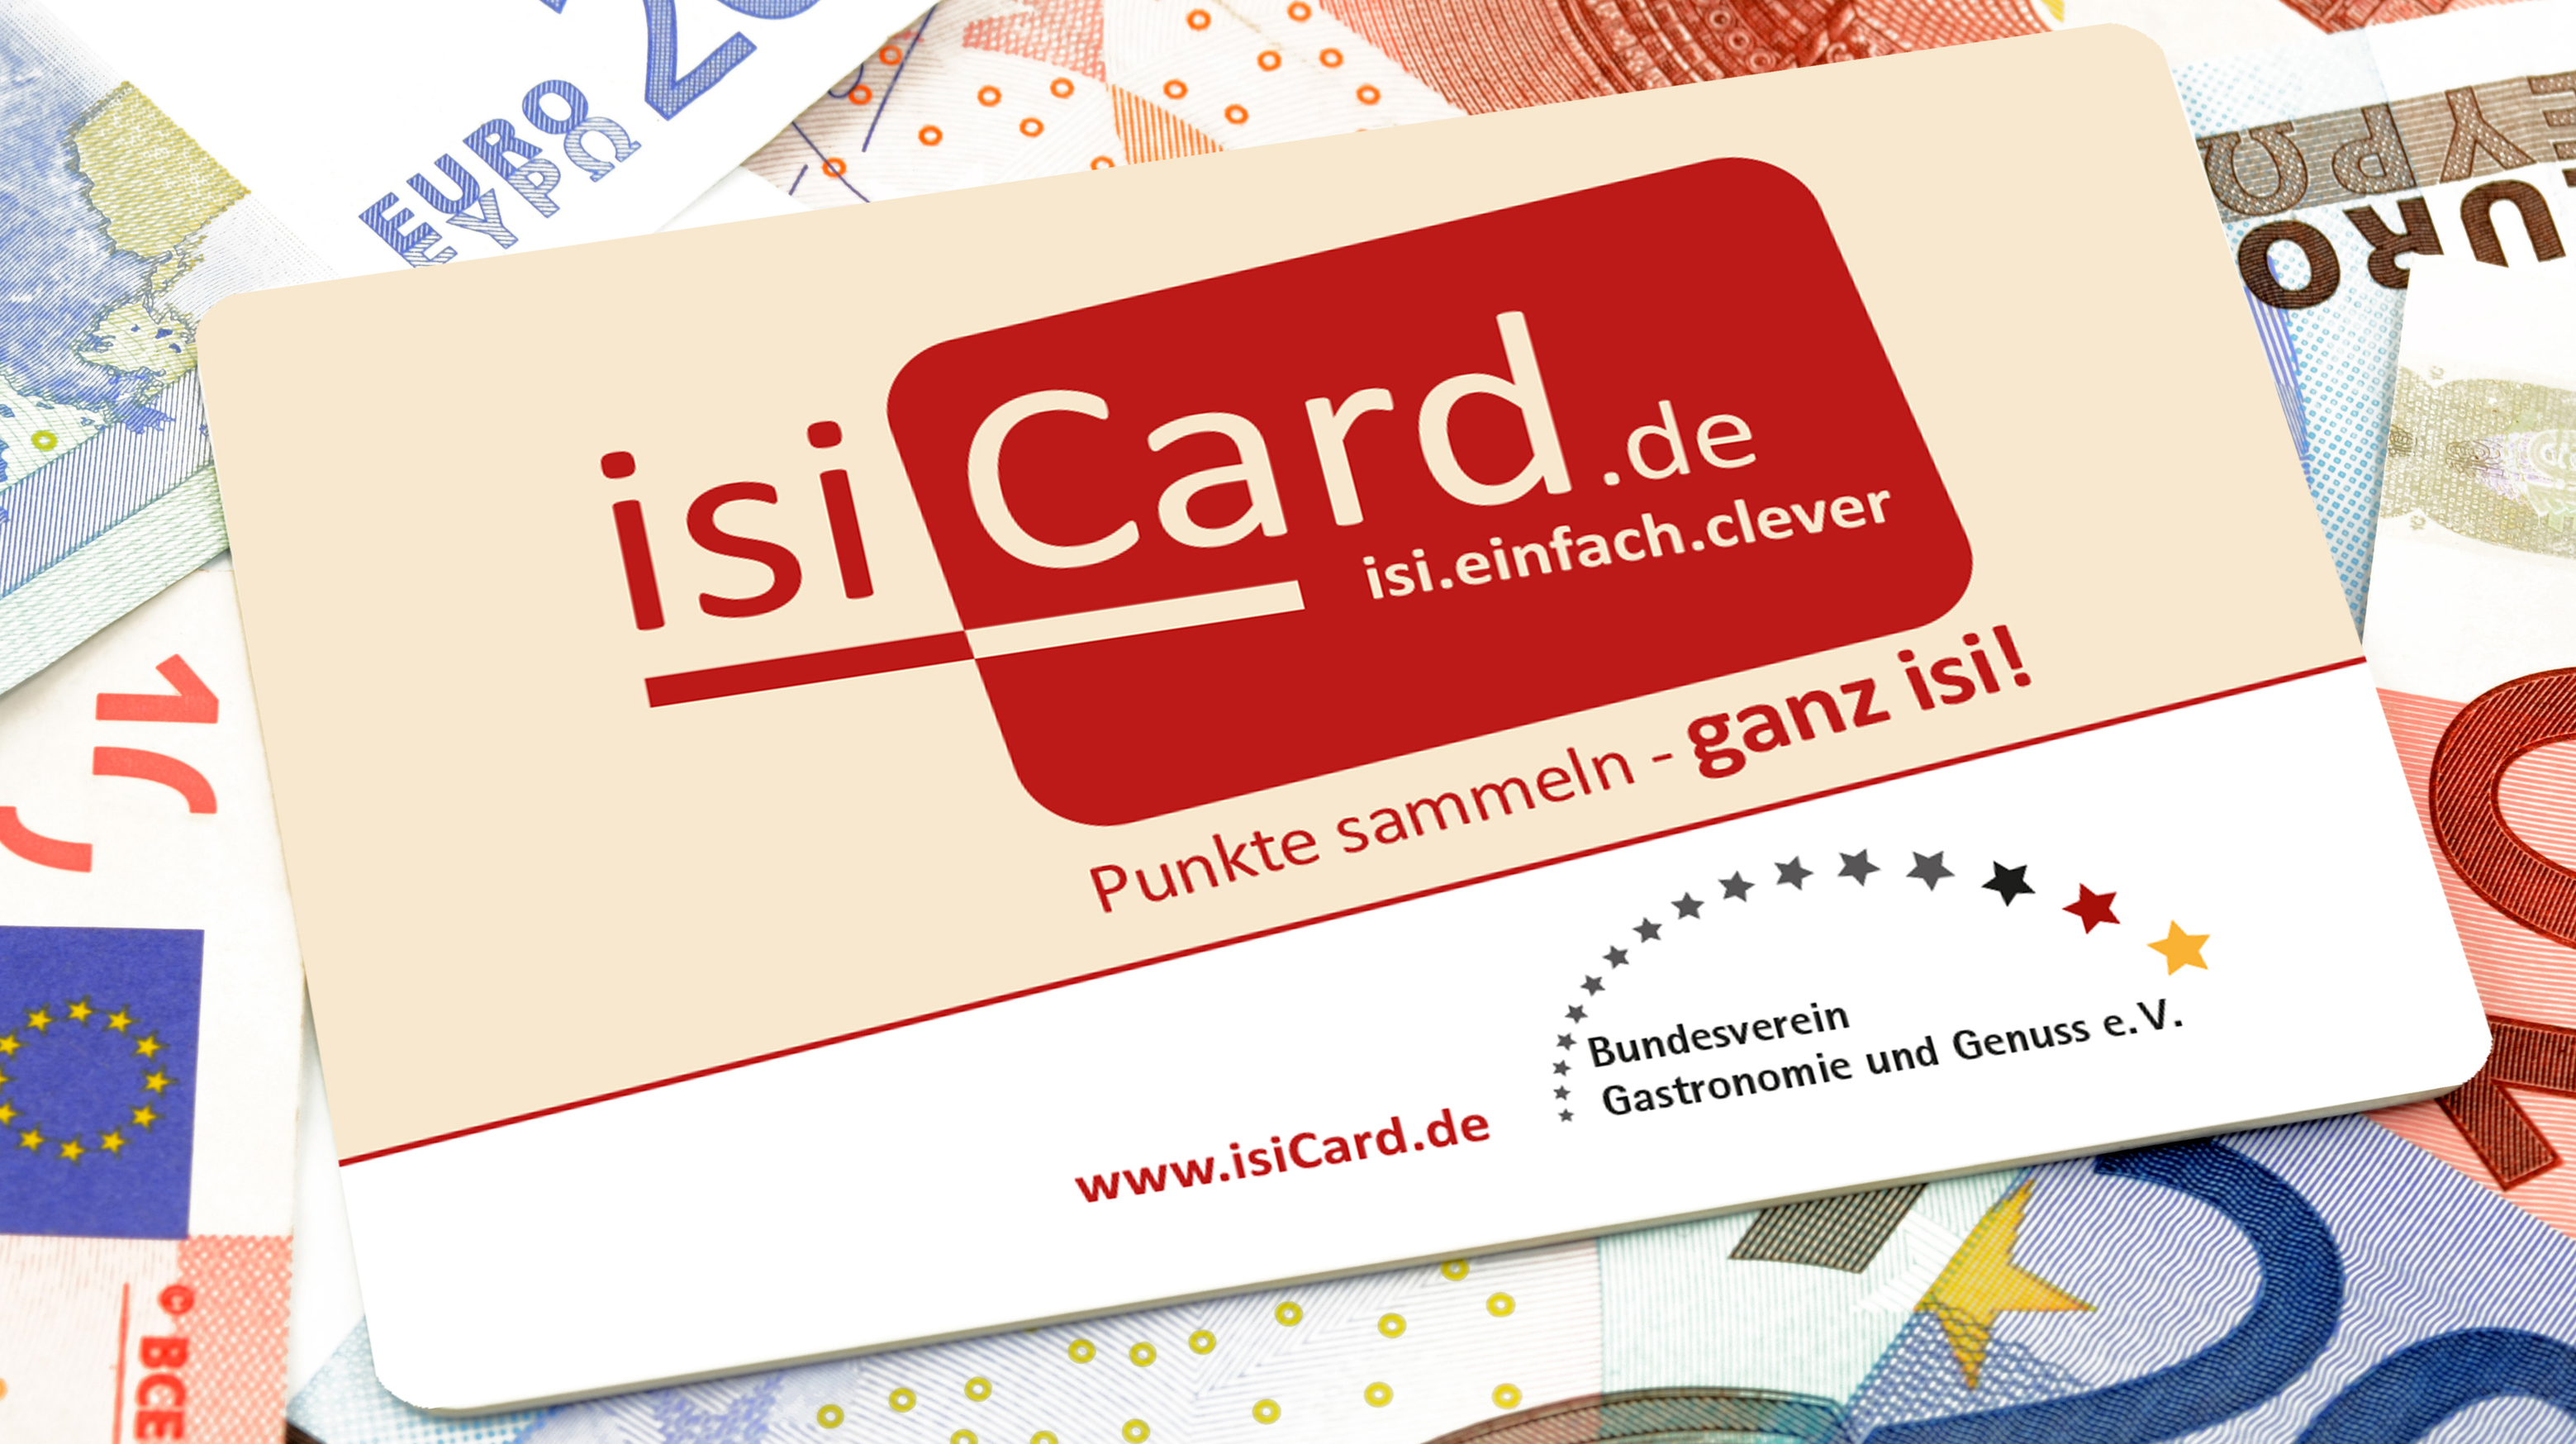 isiCard